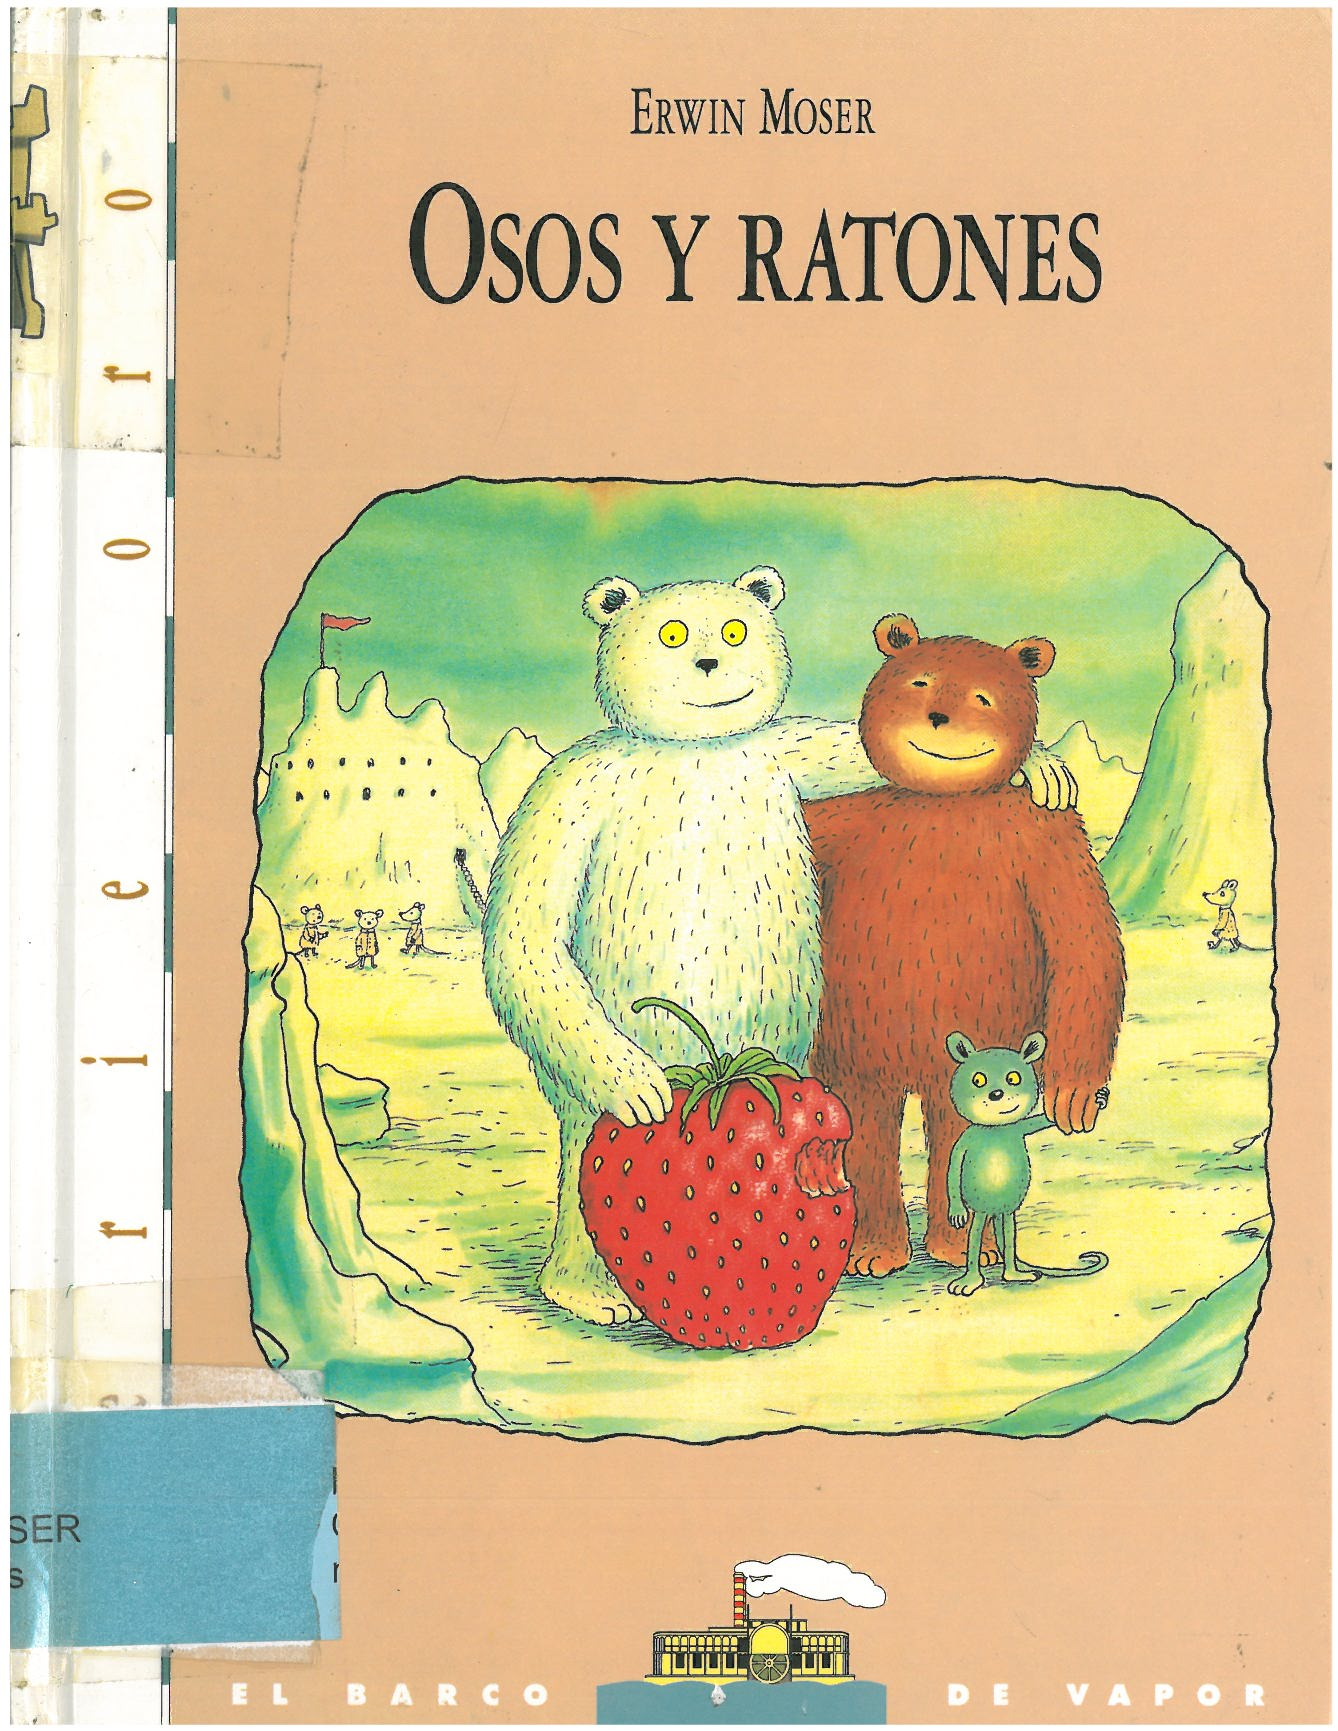 Osos y ratones